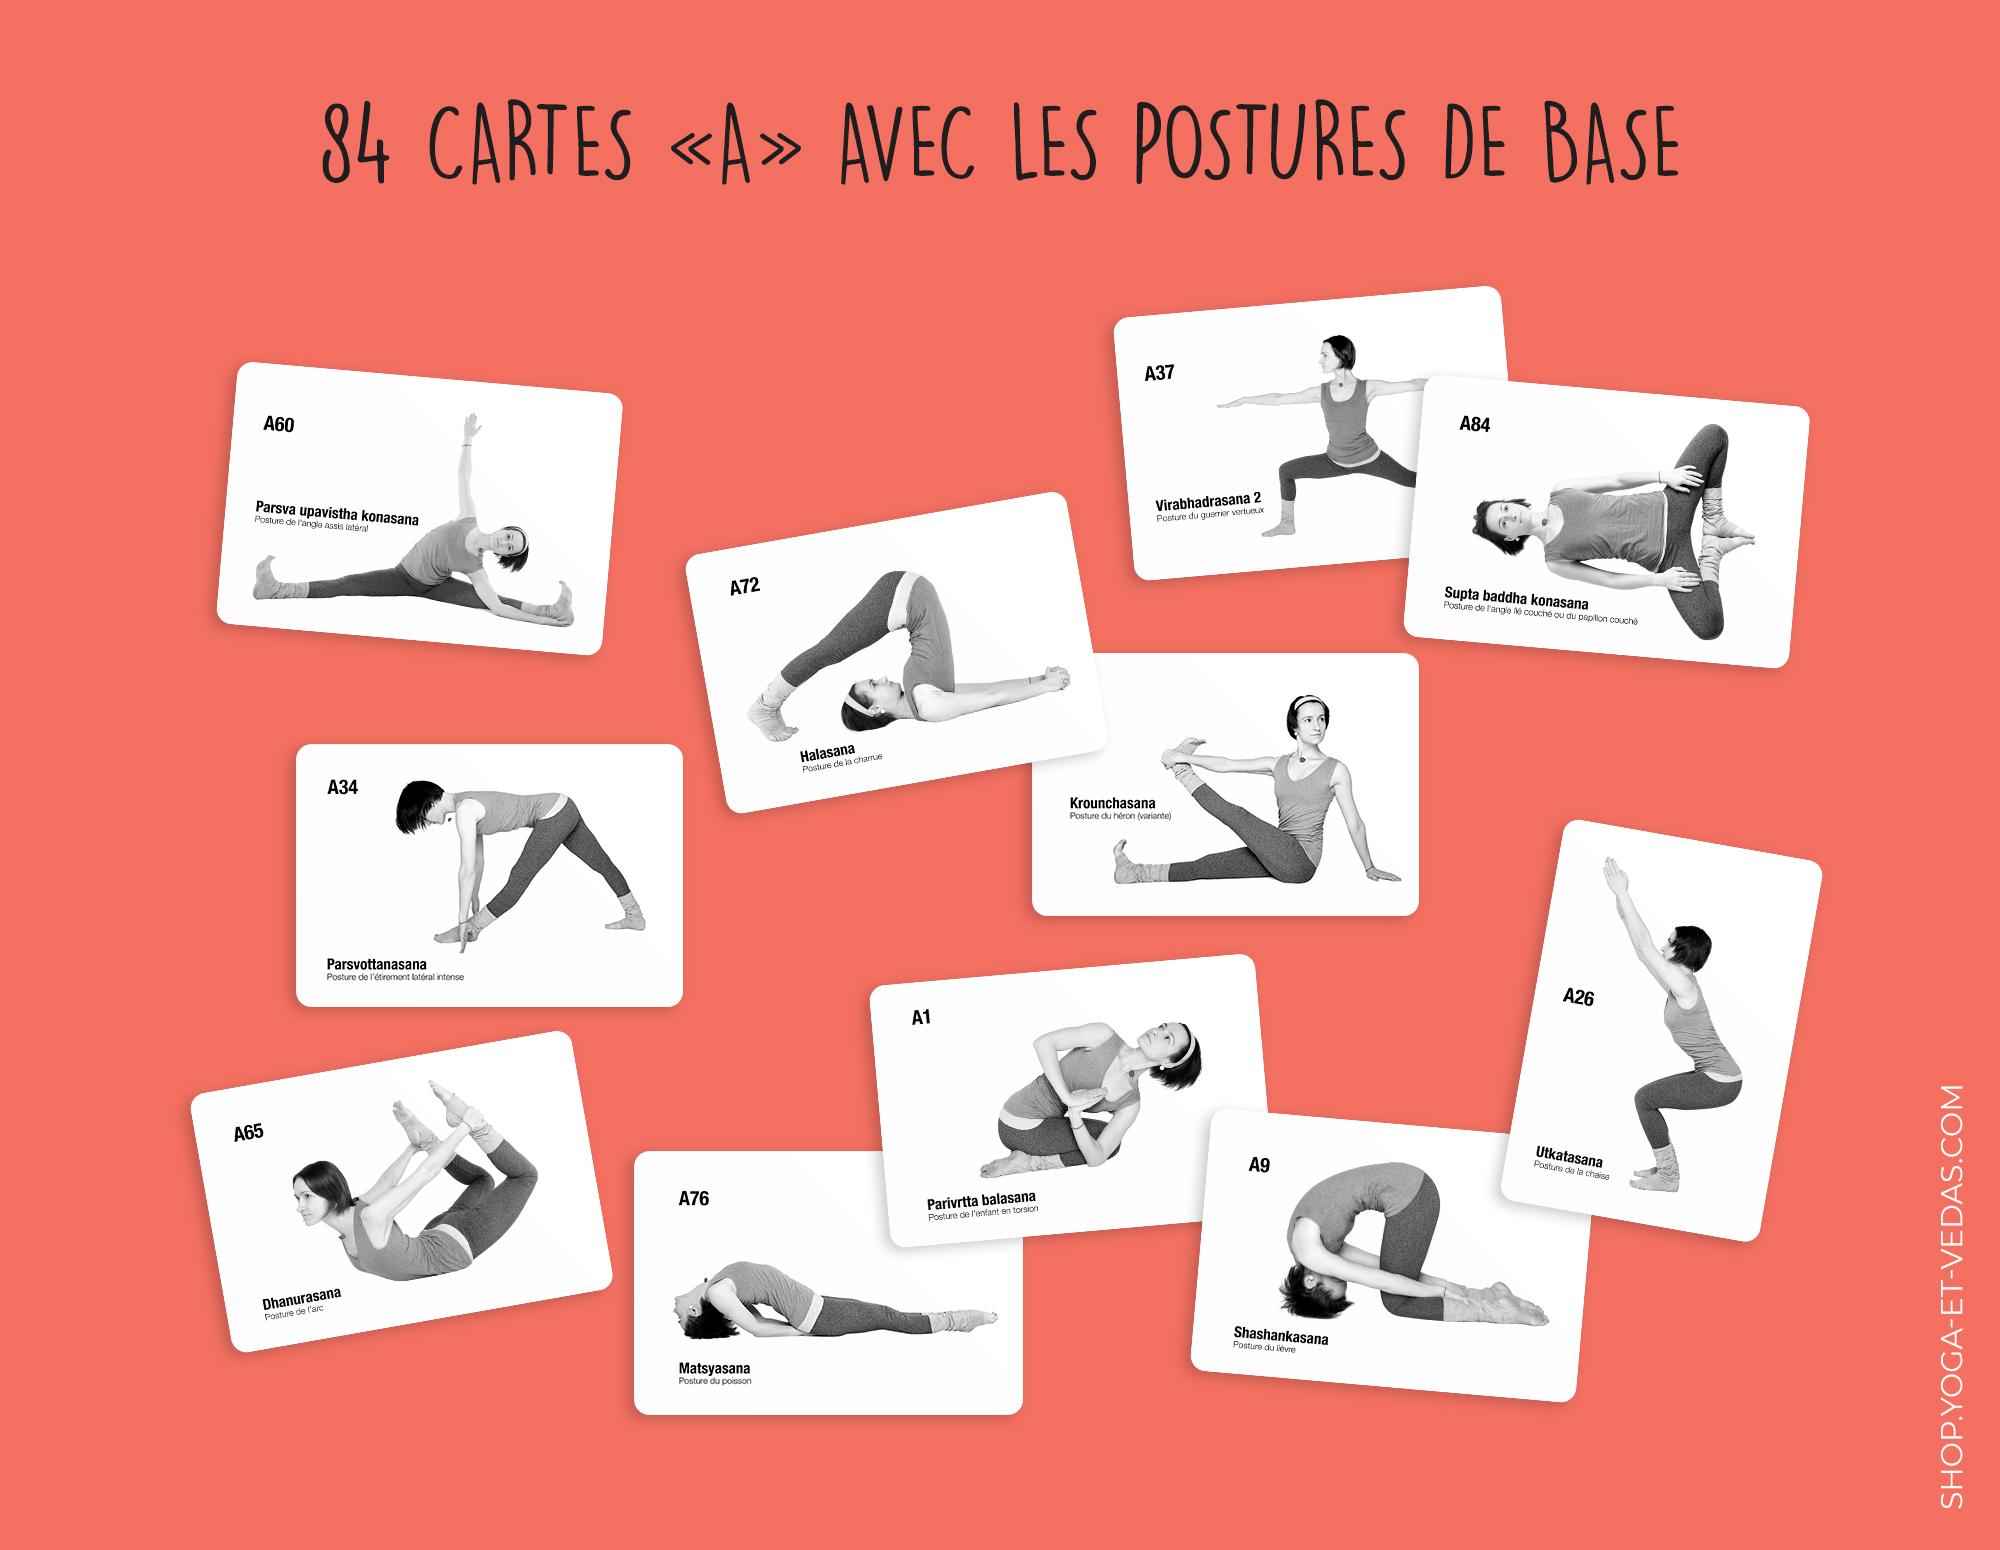 336 cartes de yoga - Cartes A - Shop Yoga&Vedas